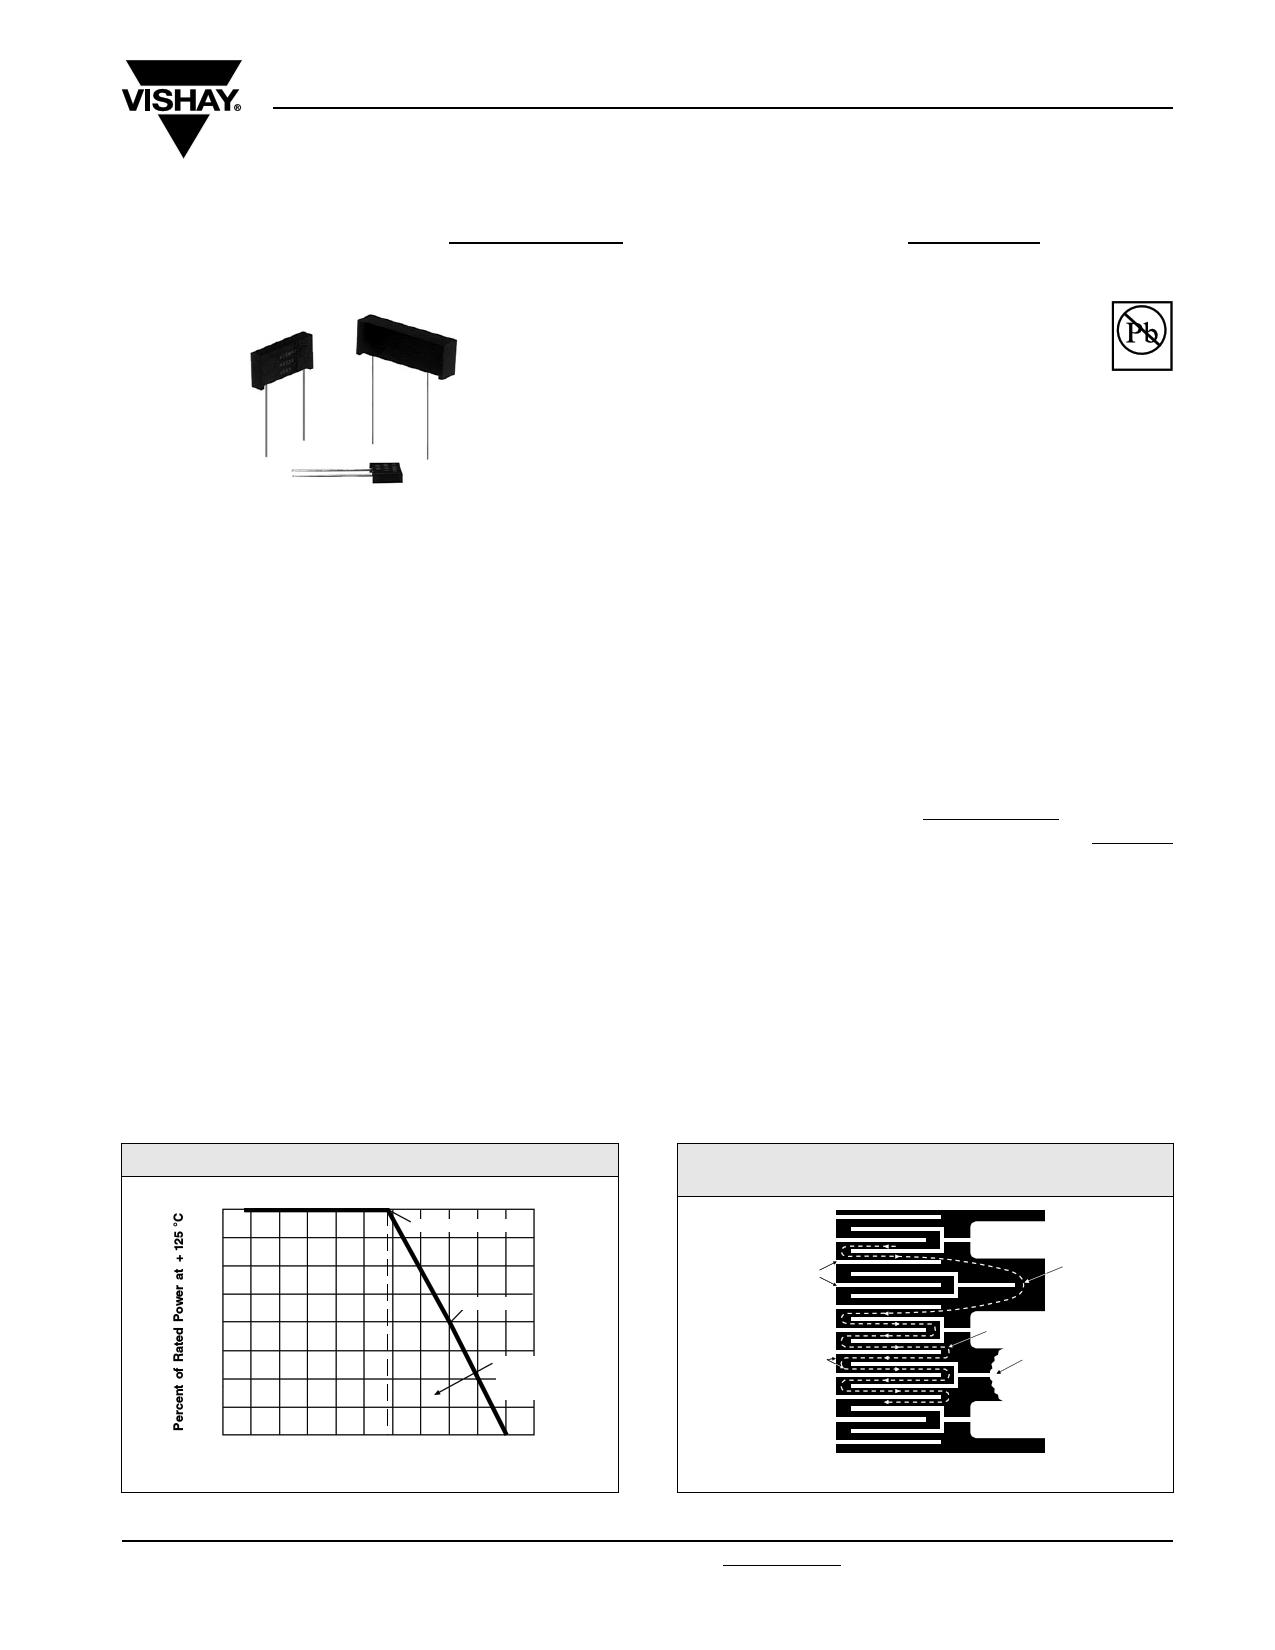 Y0022100R250D0L datasheet